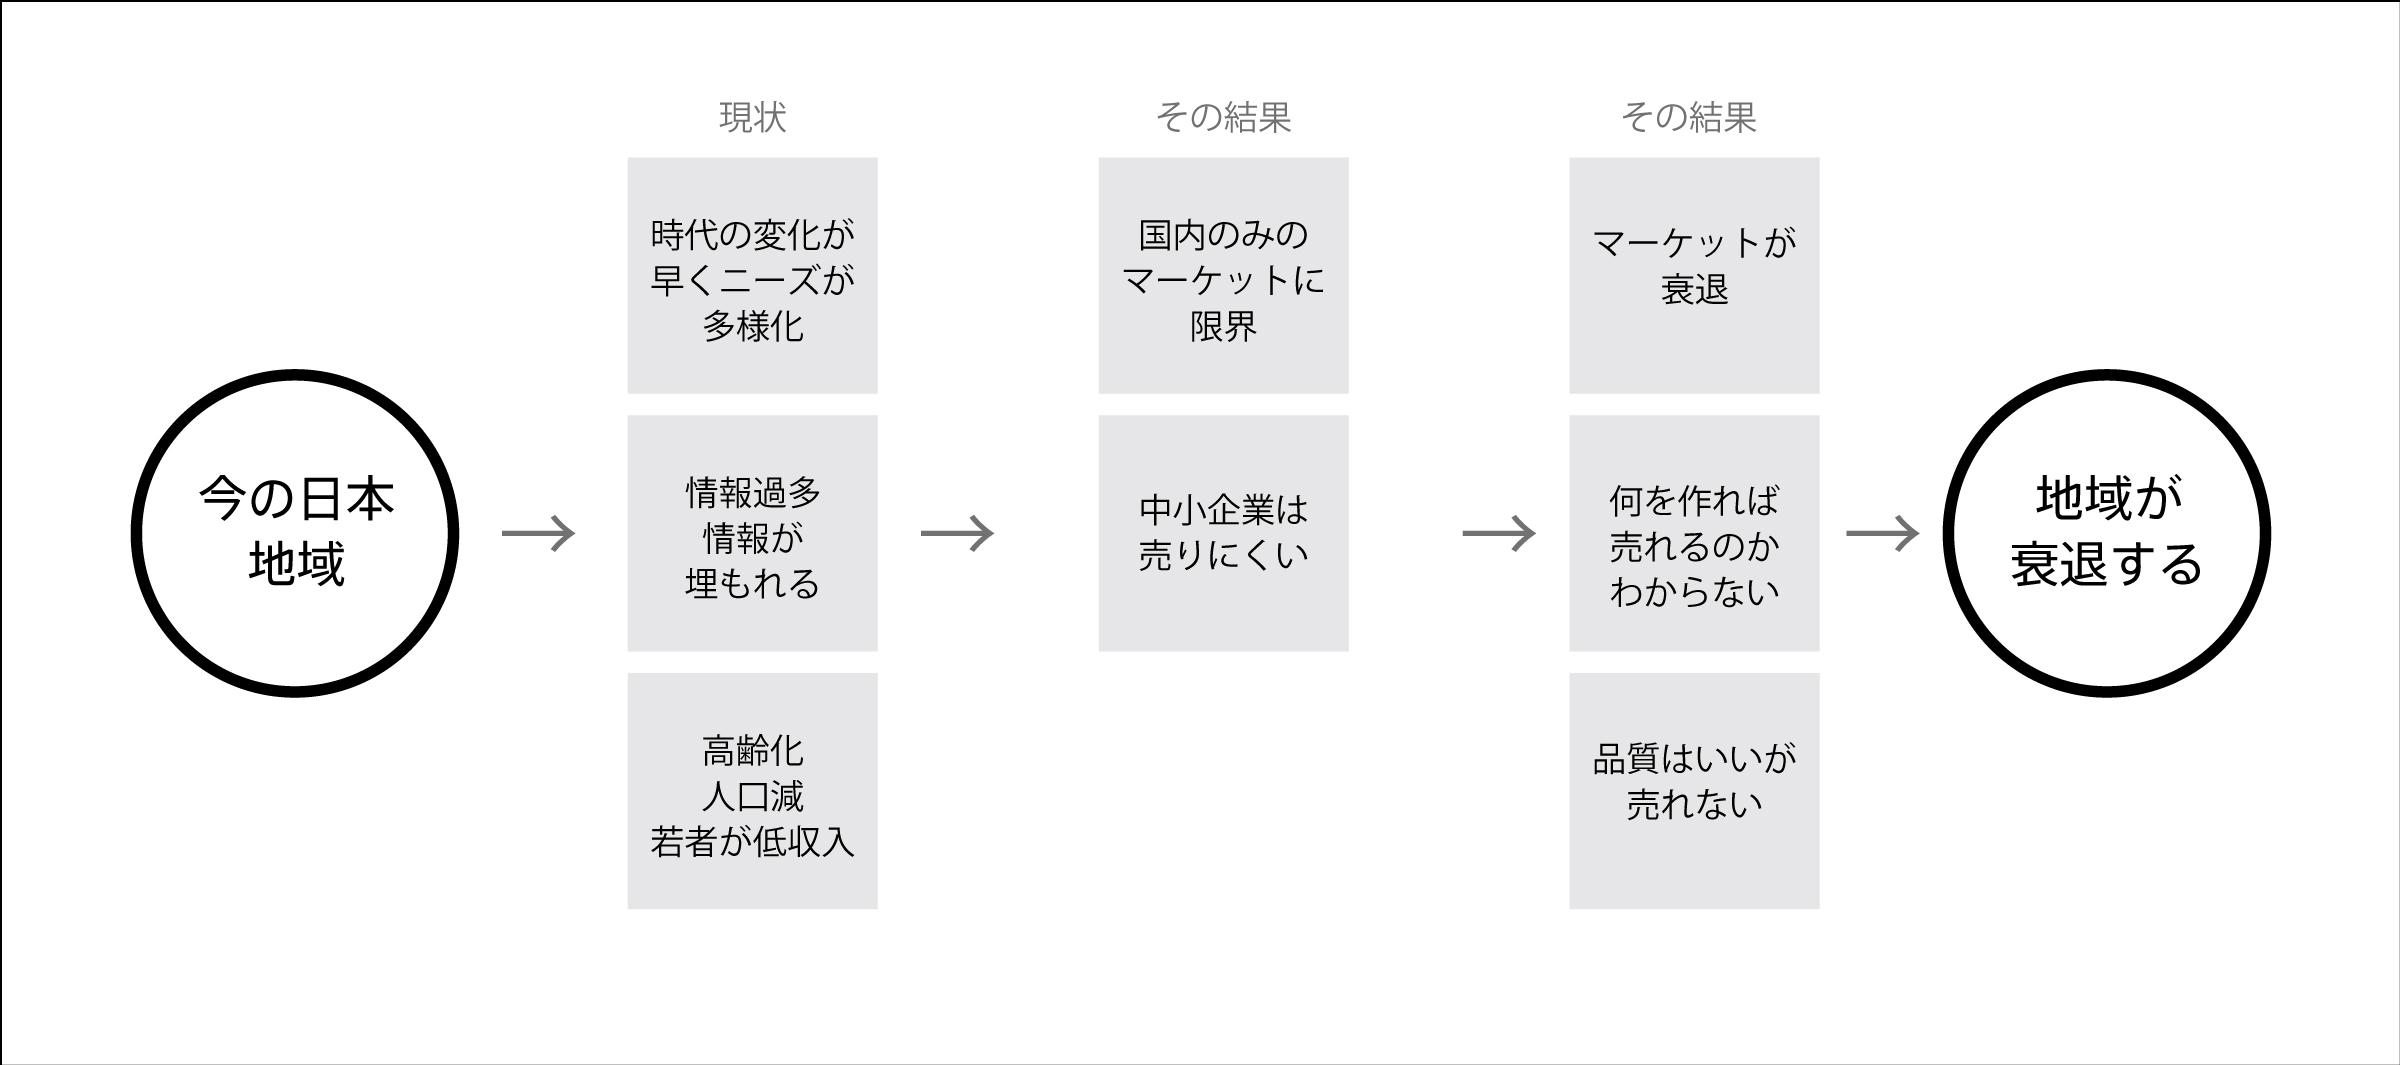 ふるさとグローバルプロデューサー応募用紙01